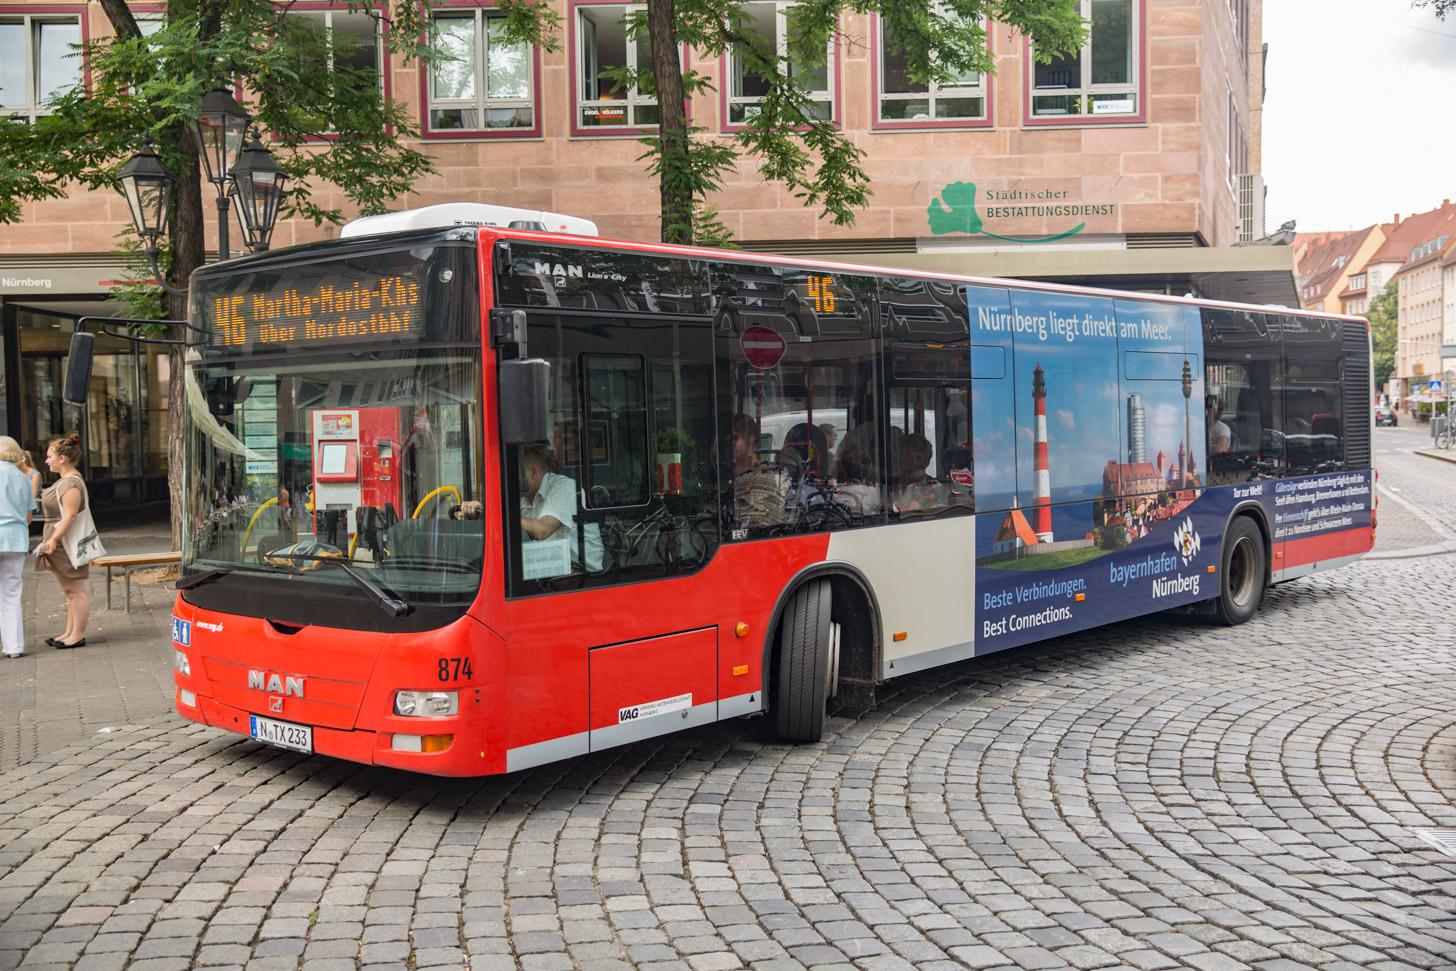 Vervoer in Neurenberg